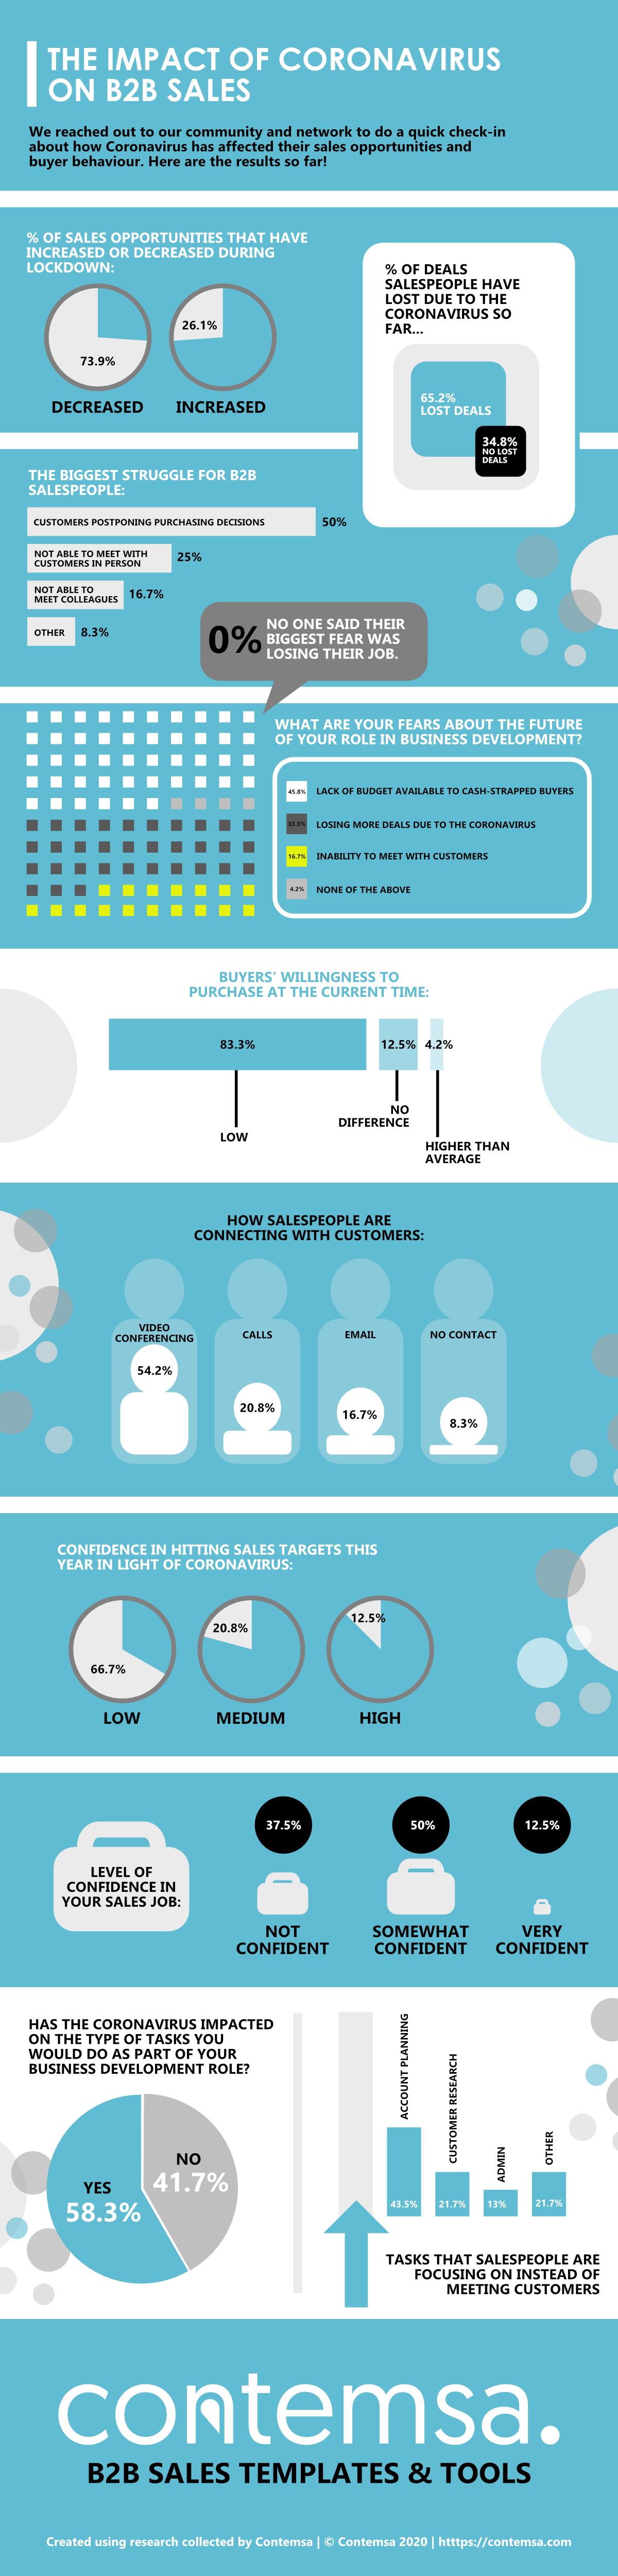 B2B-Sales-Statistics-Coronavirus-Infographic-2020-Contemsa